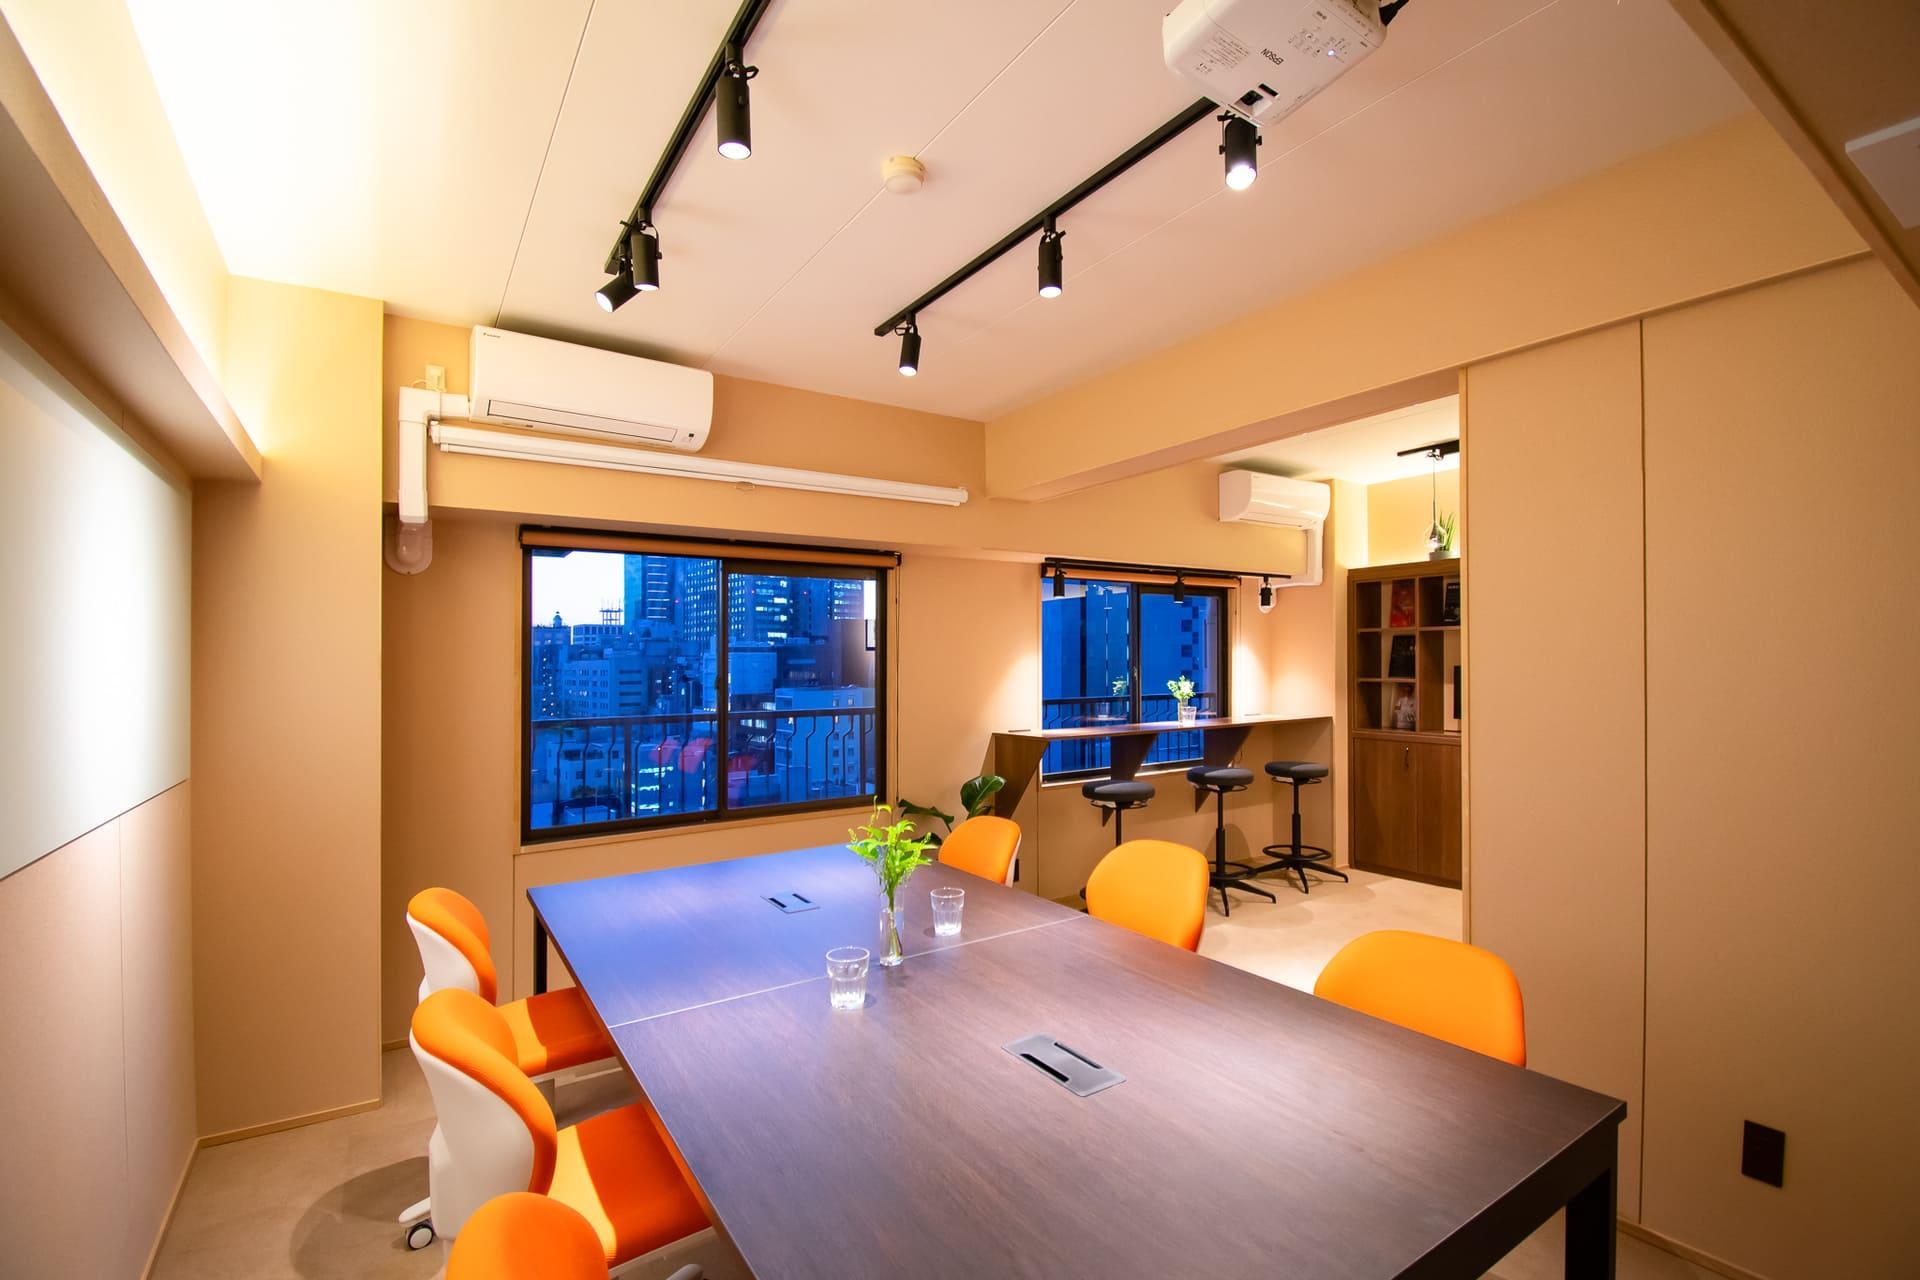 MAAD.、賃貸住宅向けマルチスペースの設計工事を提案